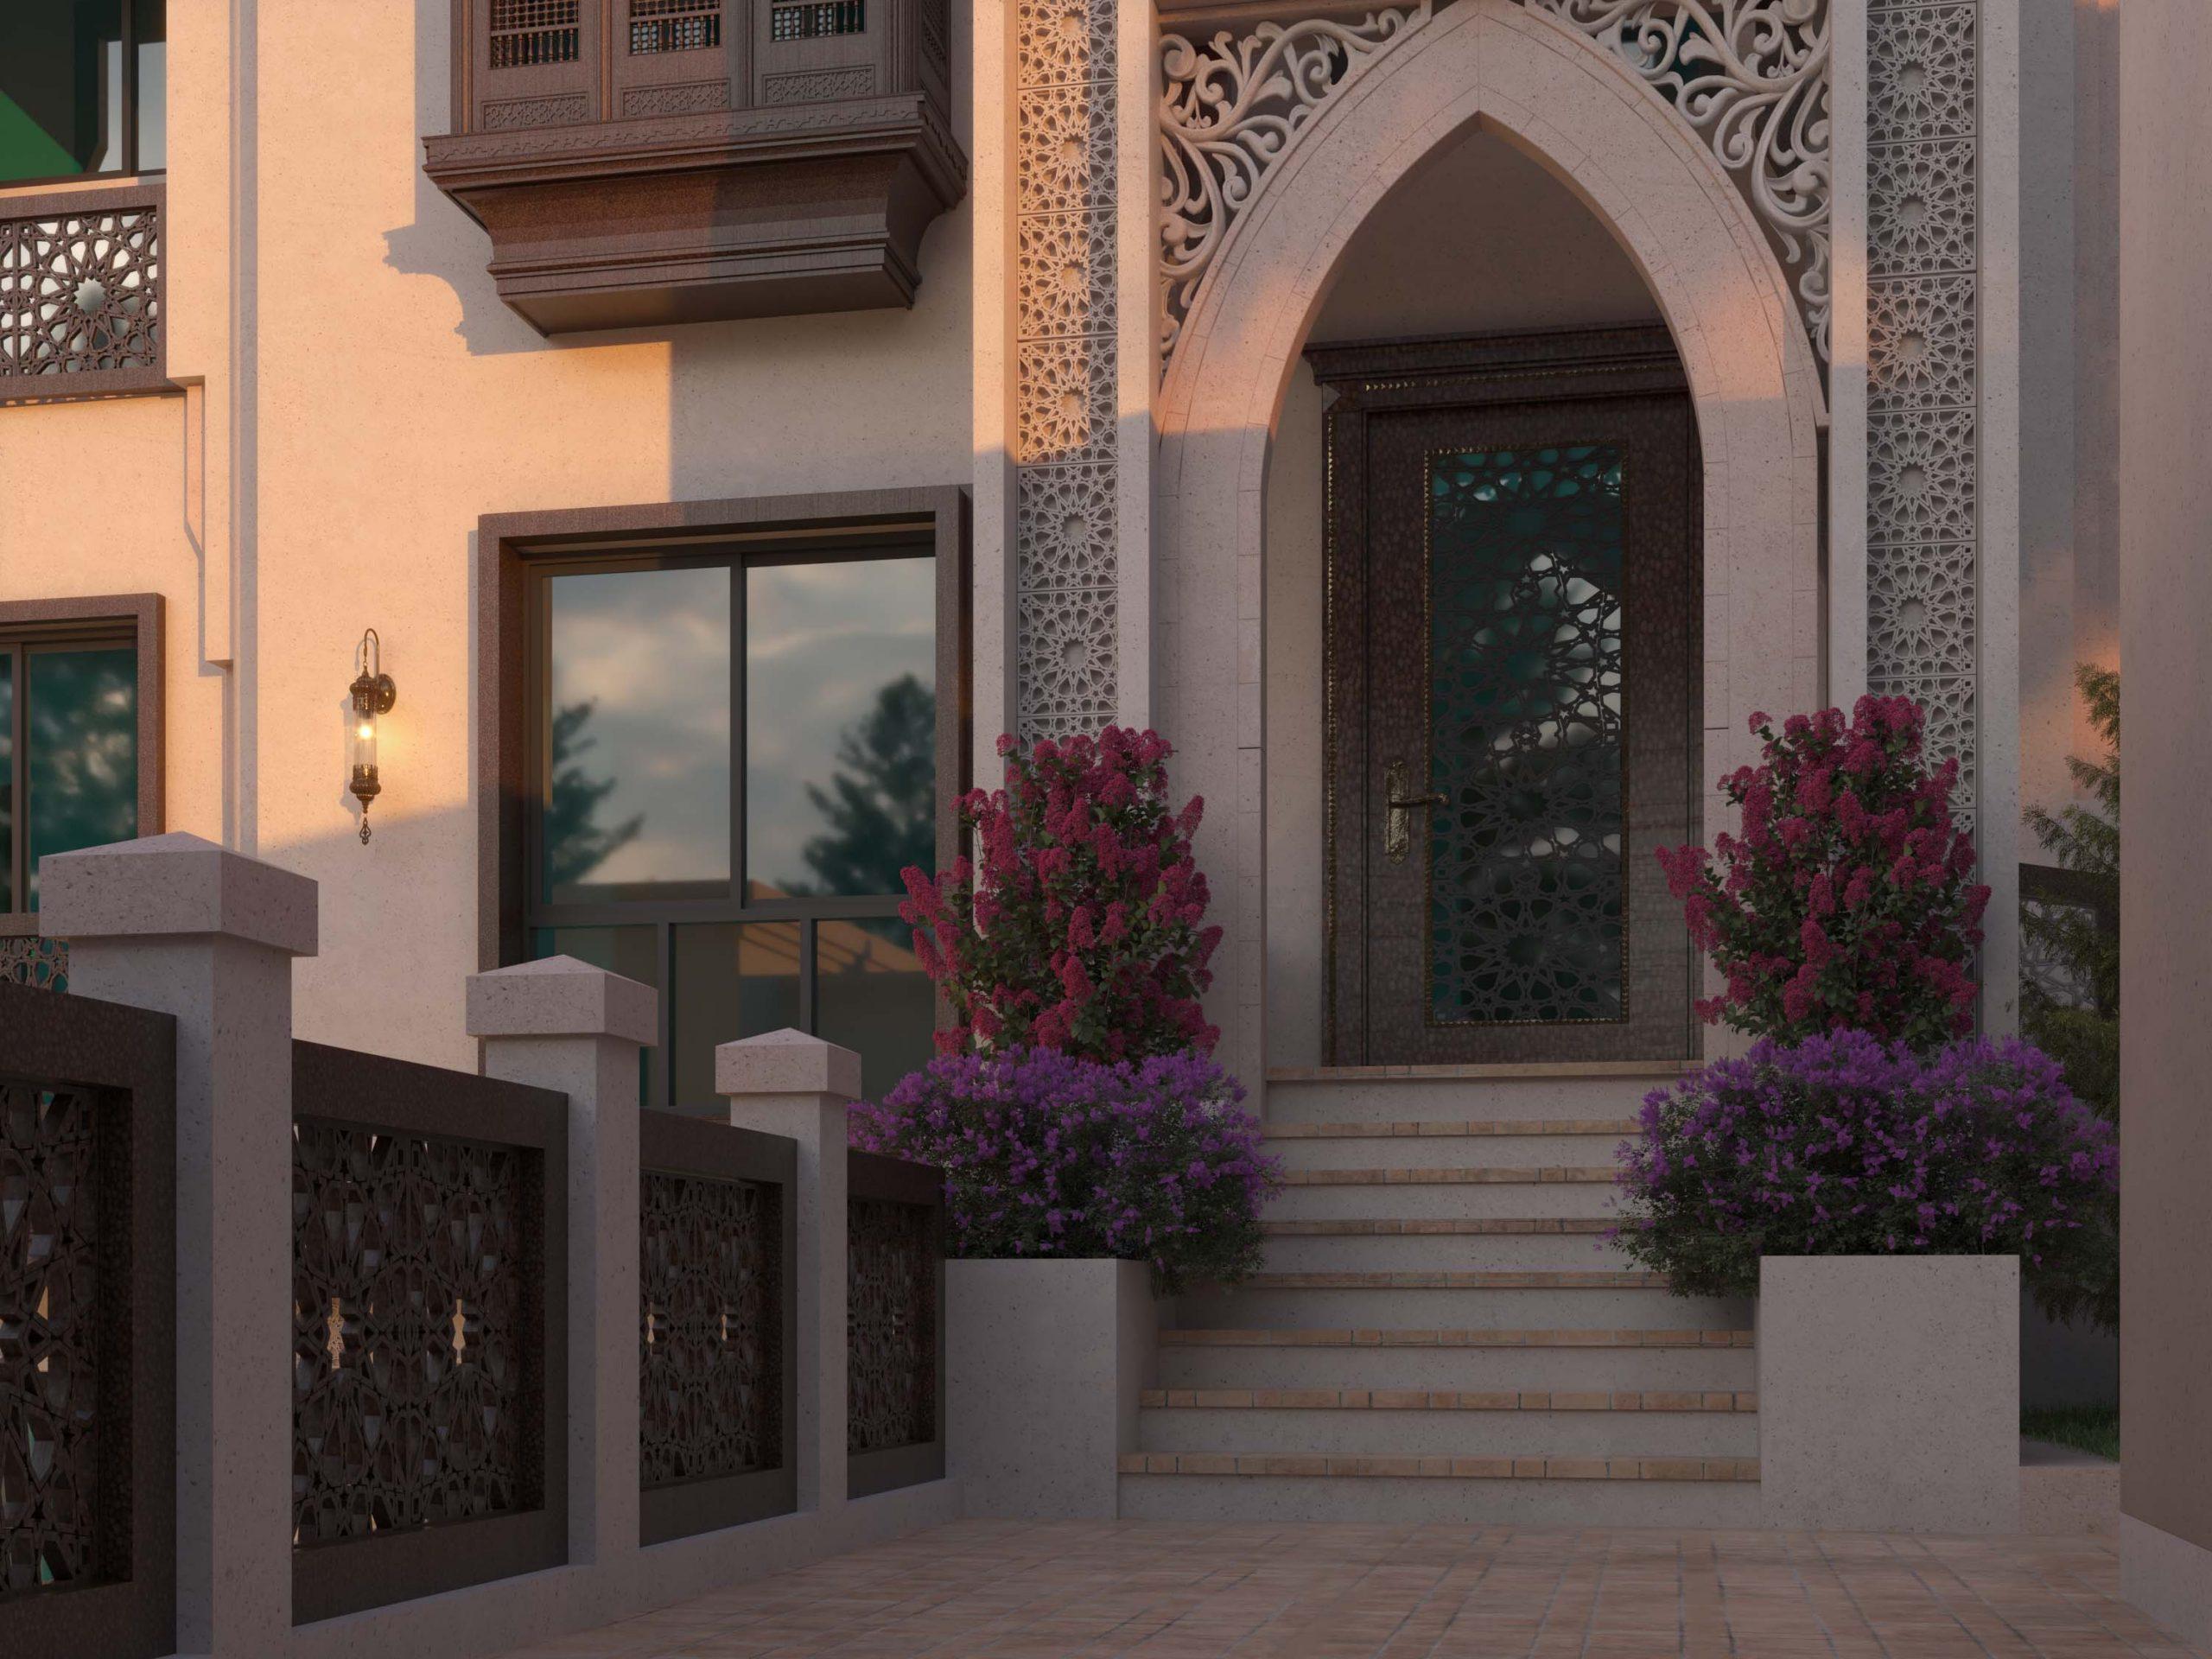 ANDALUSIAN EXTERIOR DESIGN - DOOR DESIGN - ISLAMIC - VILLA DESIGN